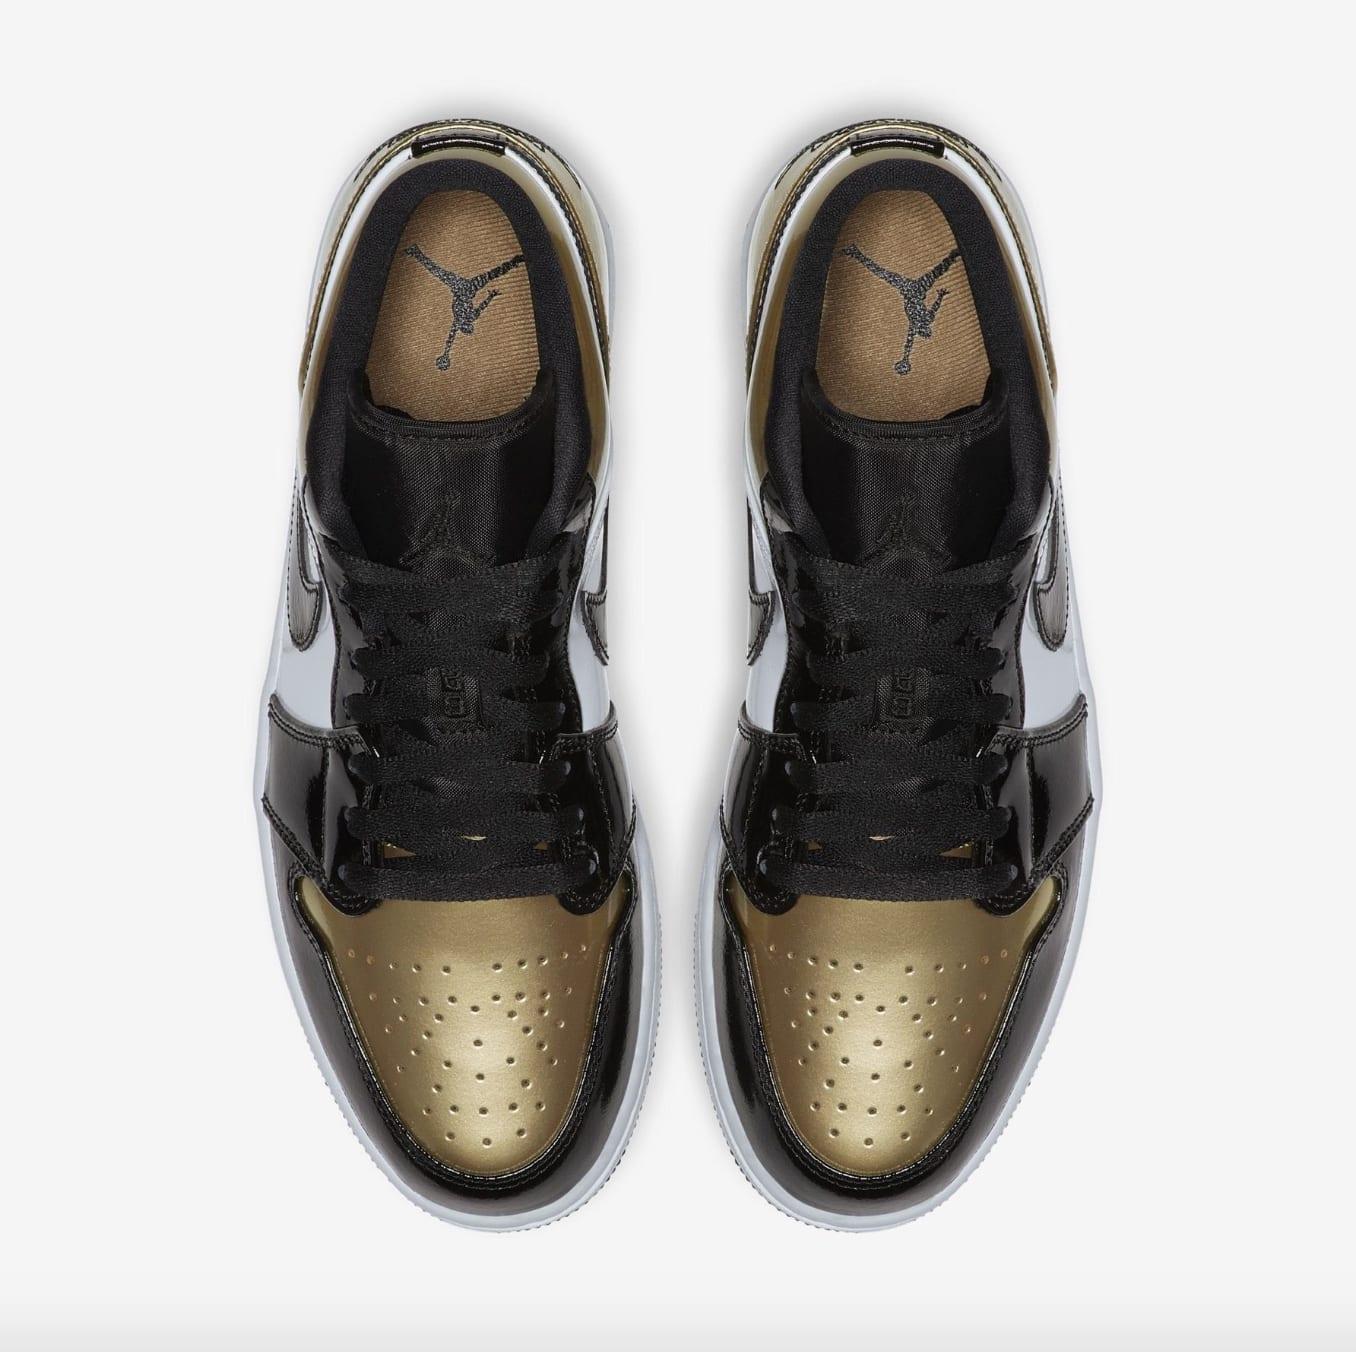 Air Jordan 1 Low 'Gold Toe' (Top)